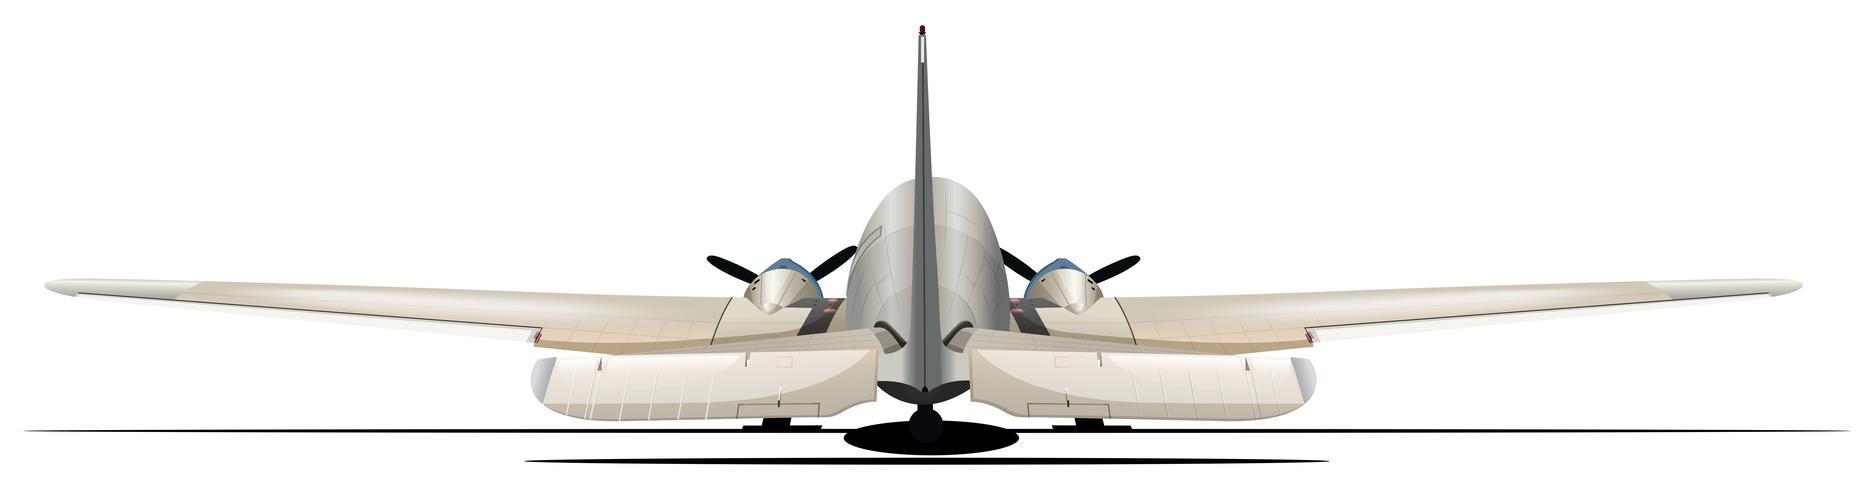 Avion de la vue arrière